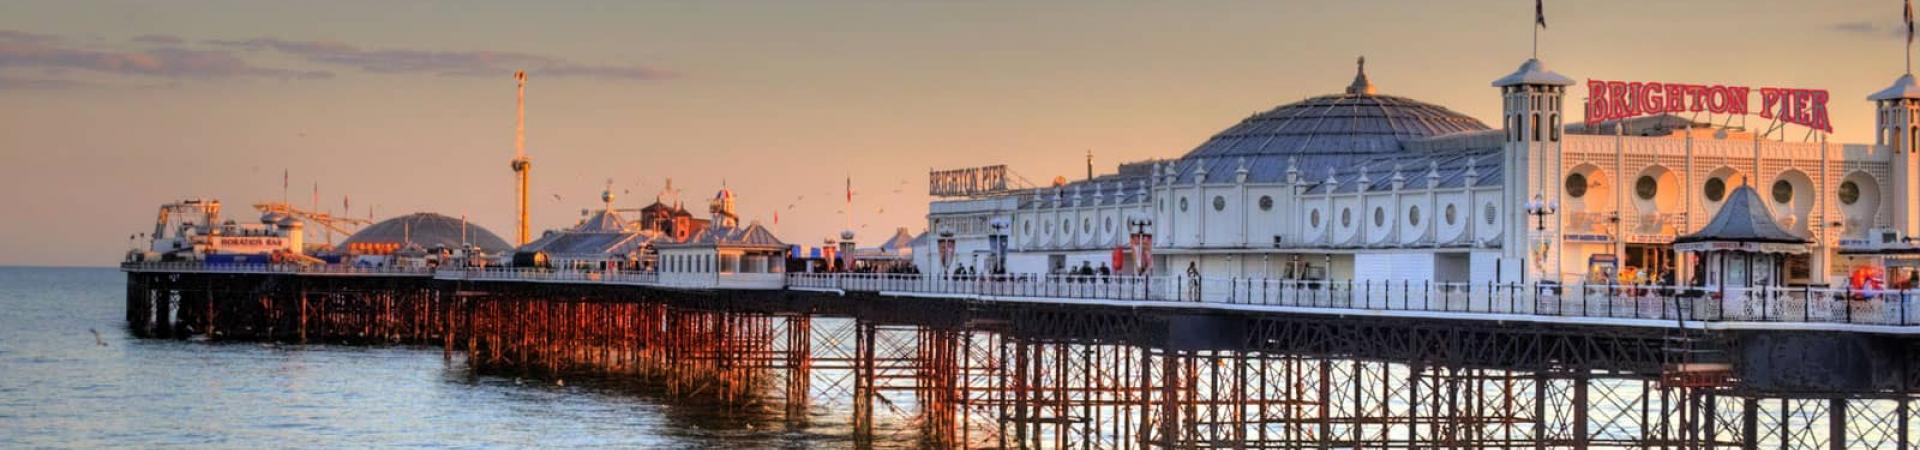 Brighton pier banner